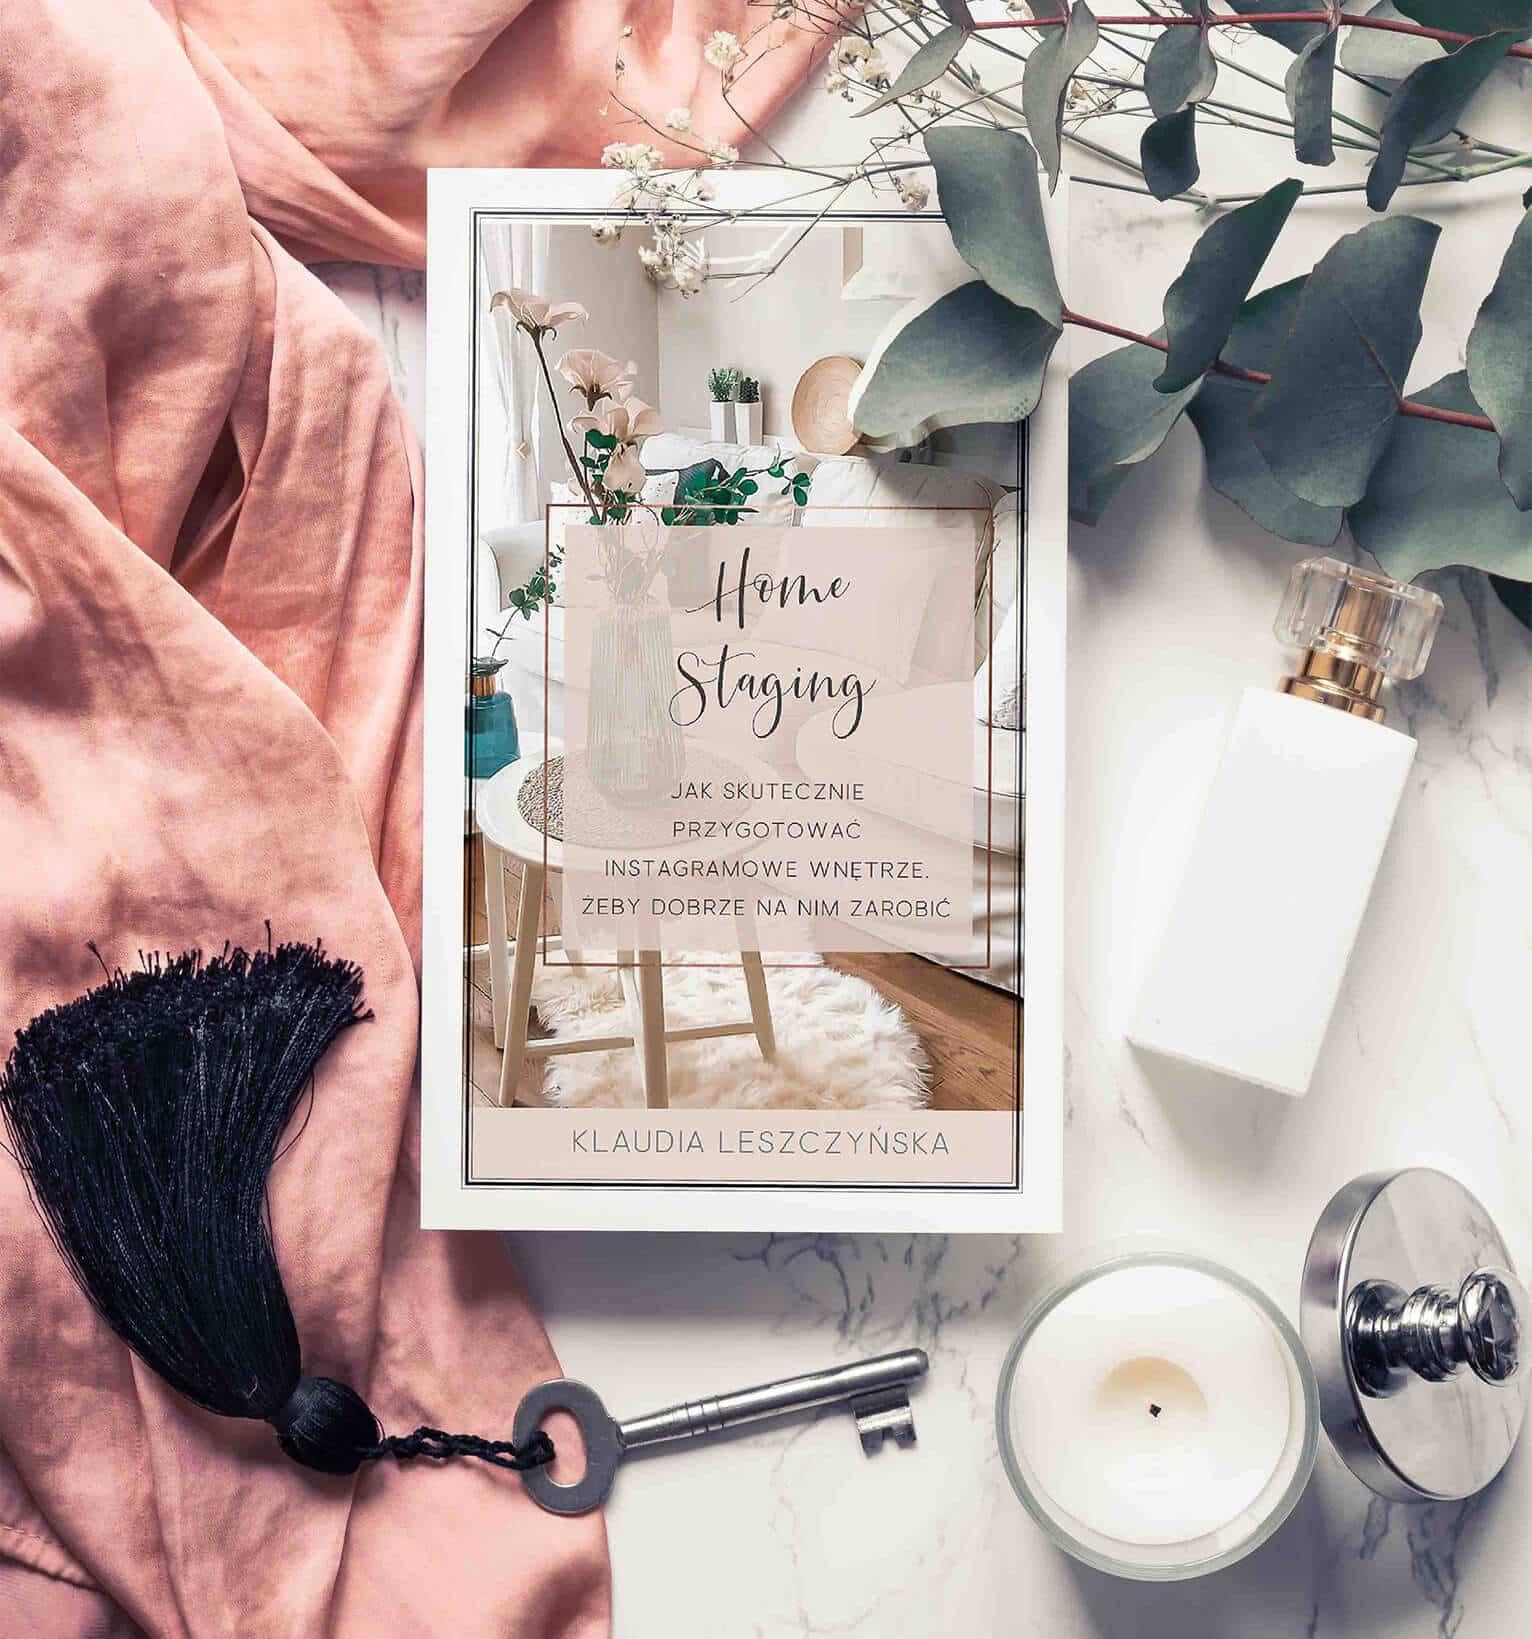 E-book Home Staging - Jak skutecznie przygotować instagramowe wnętrze, żeby dobrze na nim zarobić